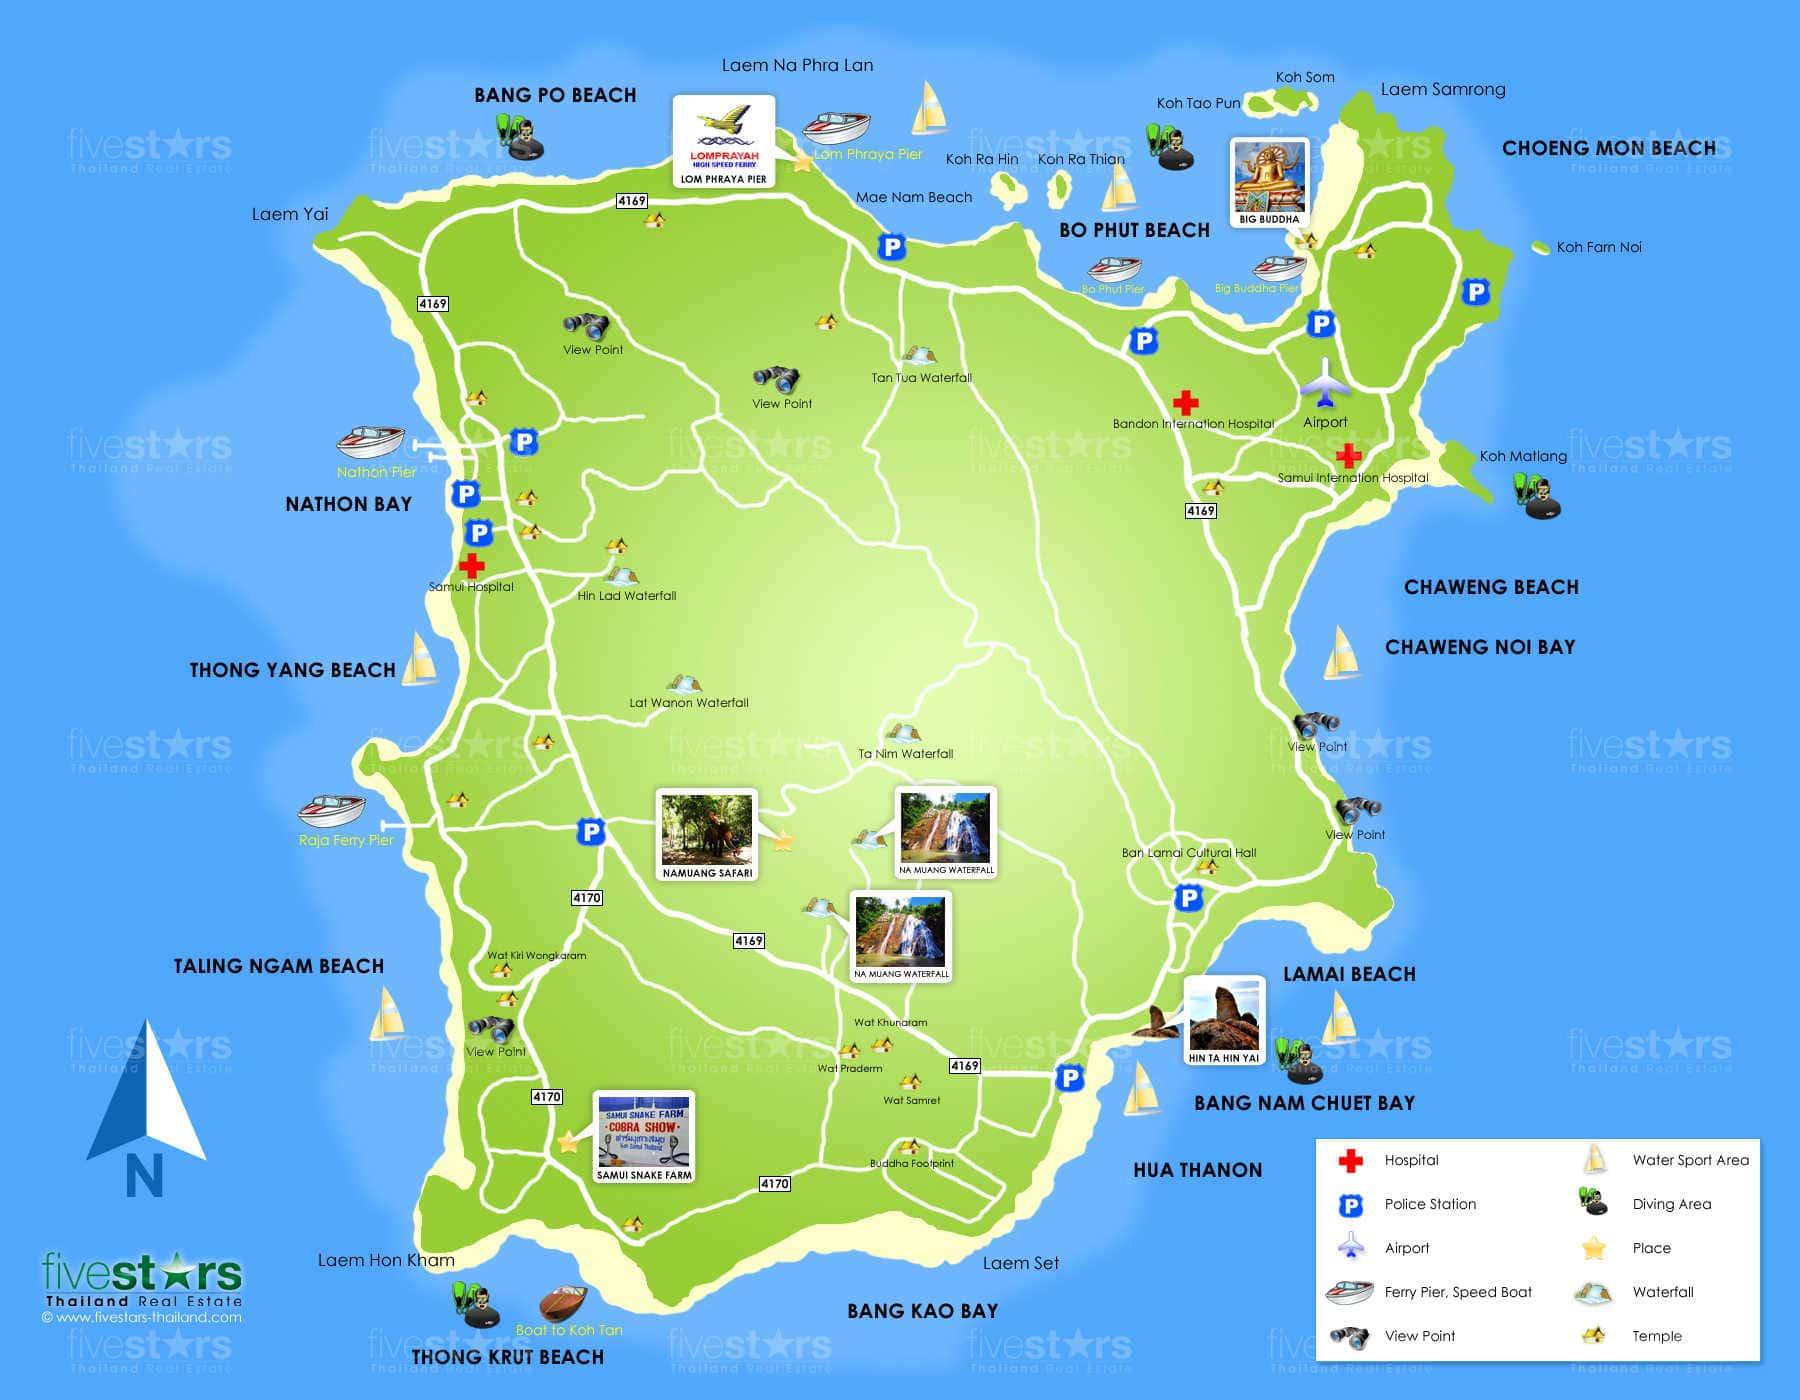 Carte Thailande Imprimer.Cartes De L Ile De Koh Samui Cartes De Thailande Tous Les Plans